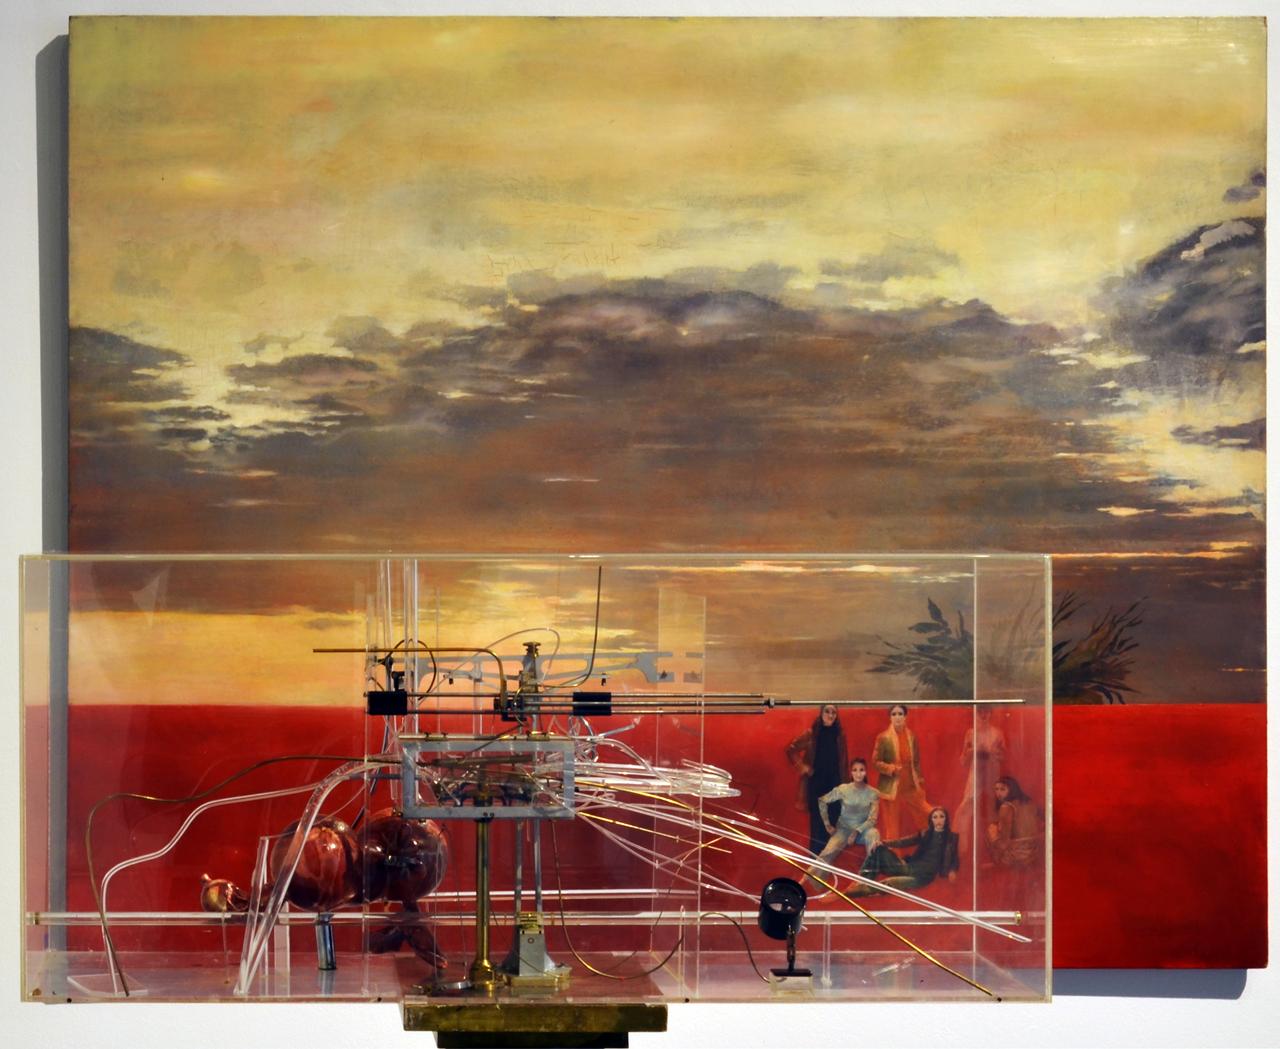 Bedřich_Dlouhý,_Krajina_(1971),_kombinovaná_technika,_sololit,_dřevo,_kov,_plexisklo,_Galerie_moderního_umění_v_Roudnici_nad_Labem